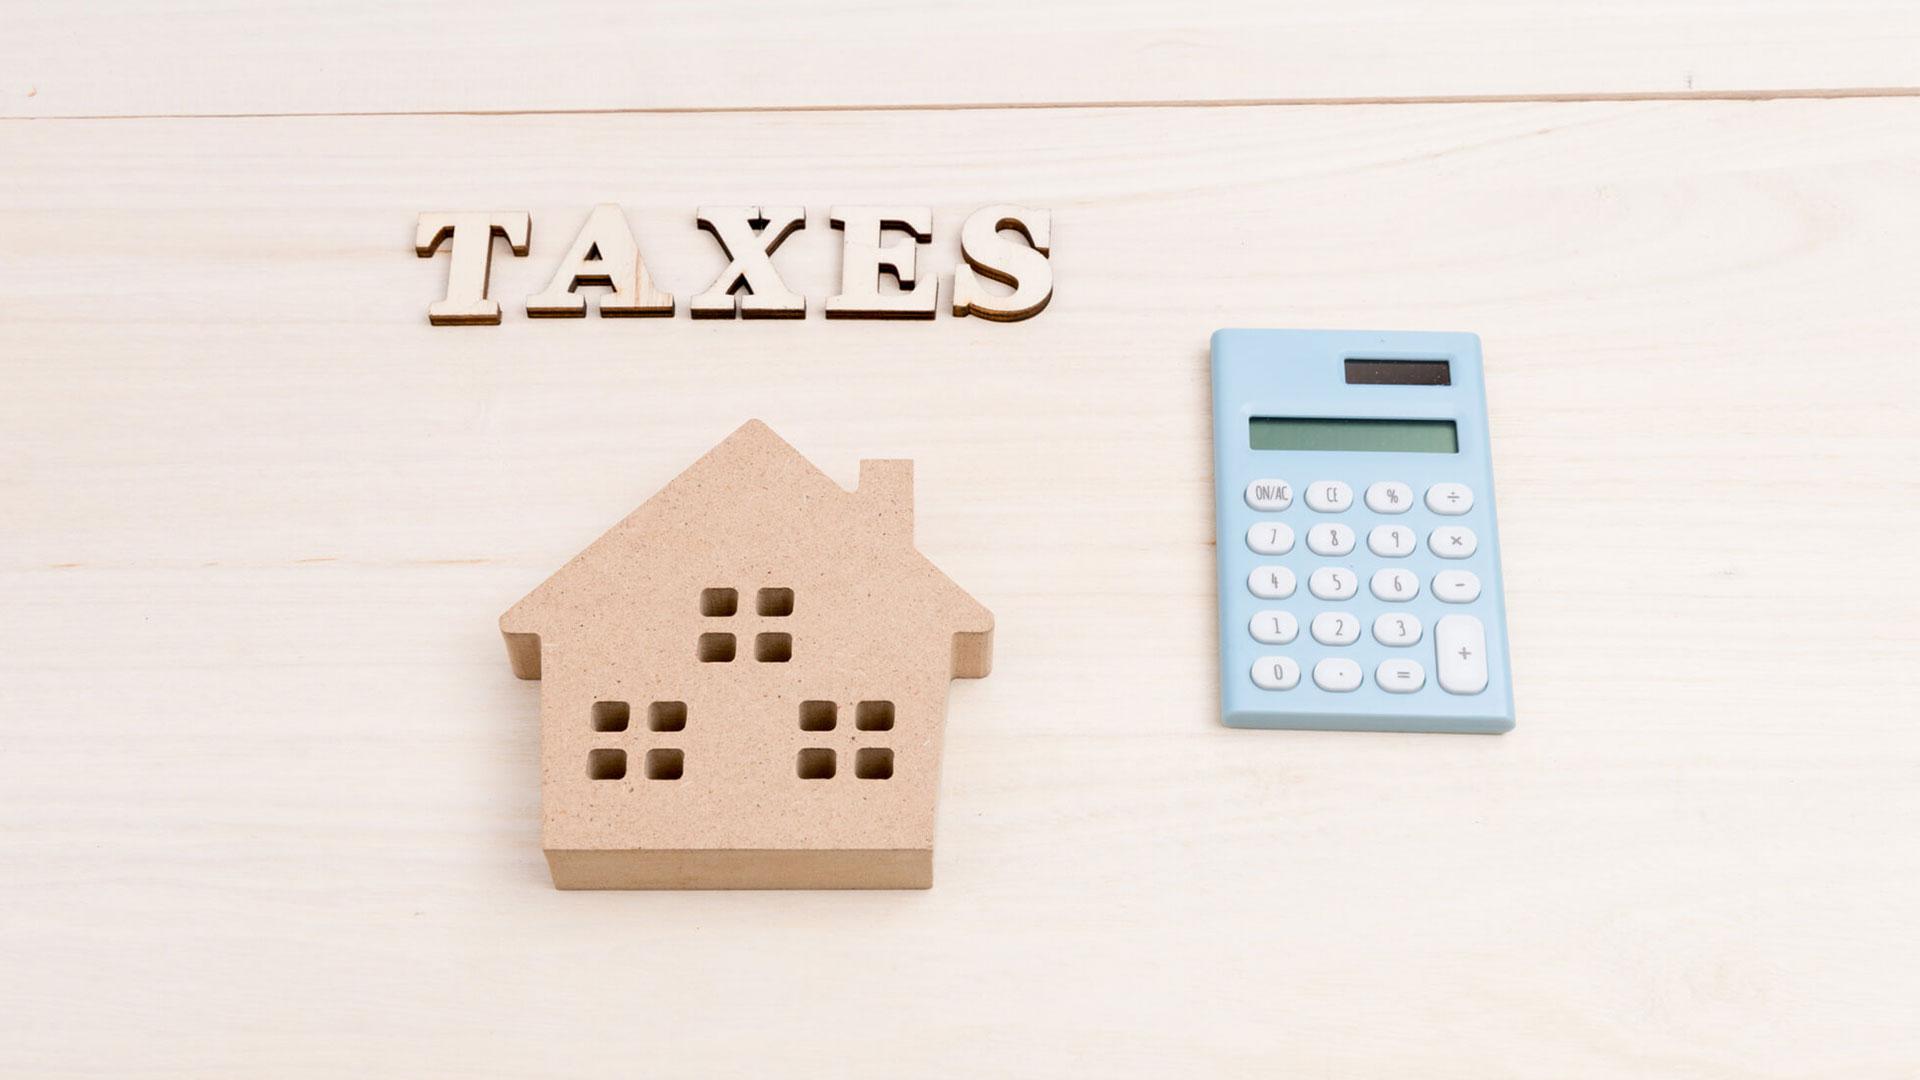 Detrazione iva 50 per acquisto della casa in classe - Detrazione iva acquisto casa 2017 ...